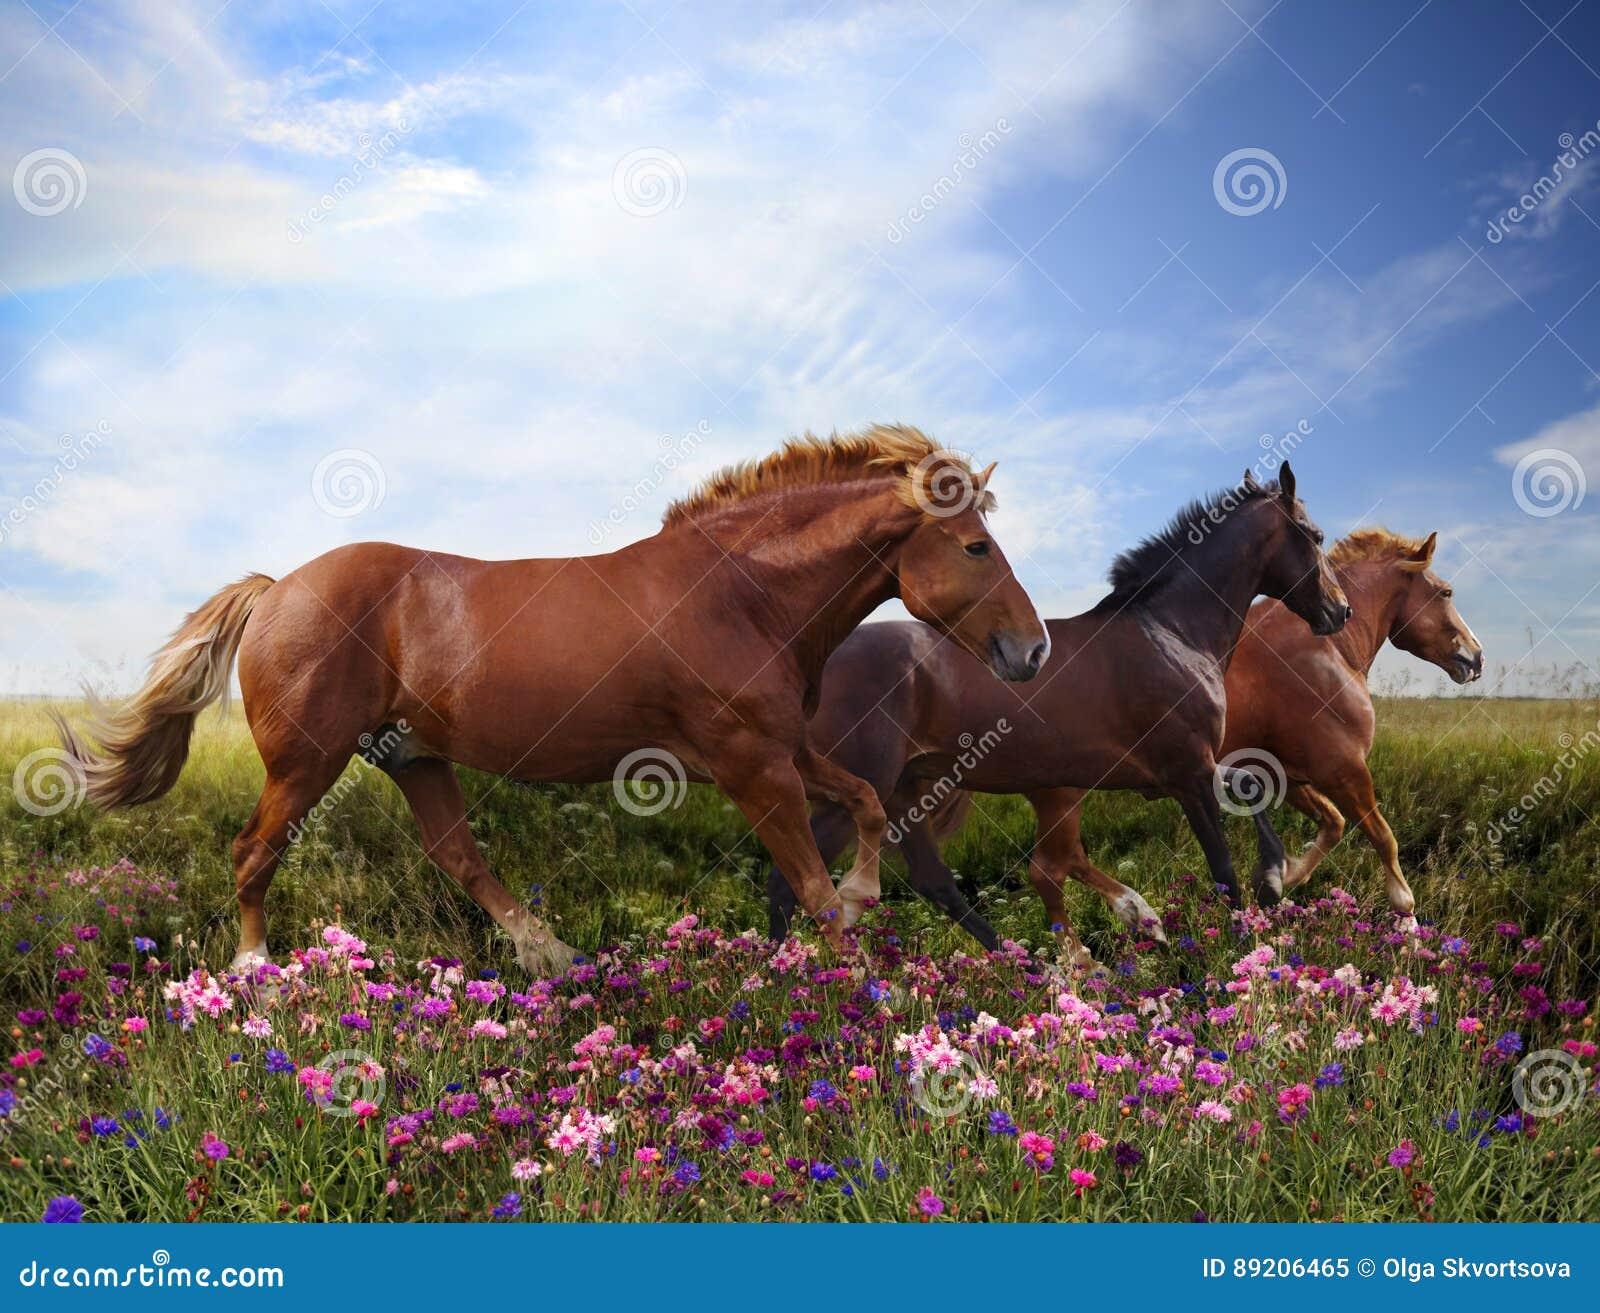 Die Pferde springend auf eine blühende Wiese